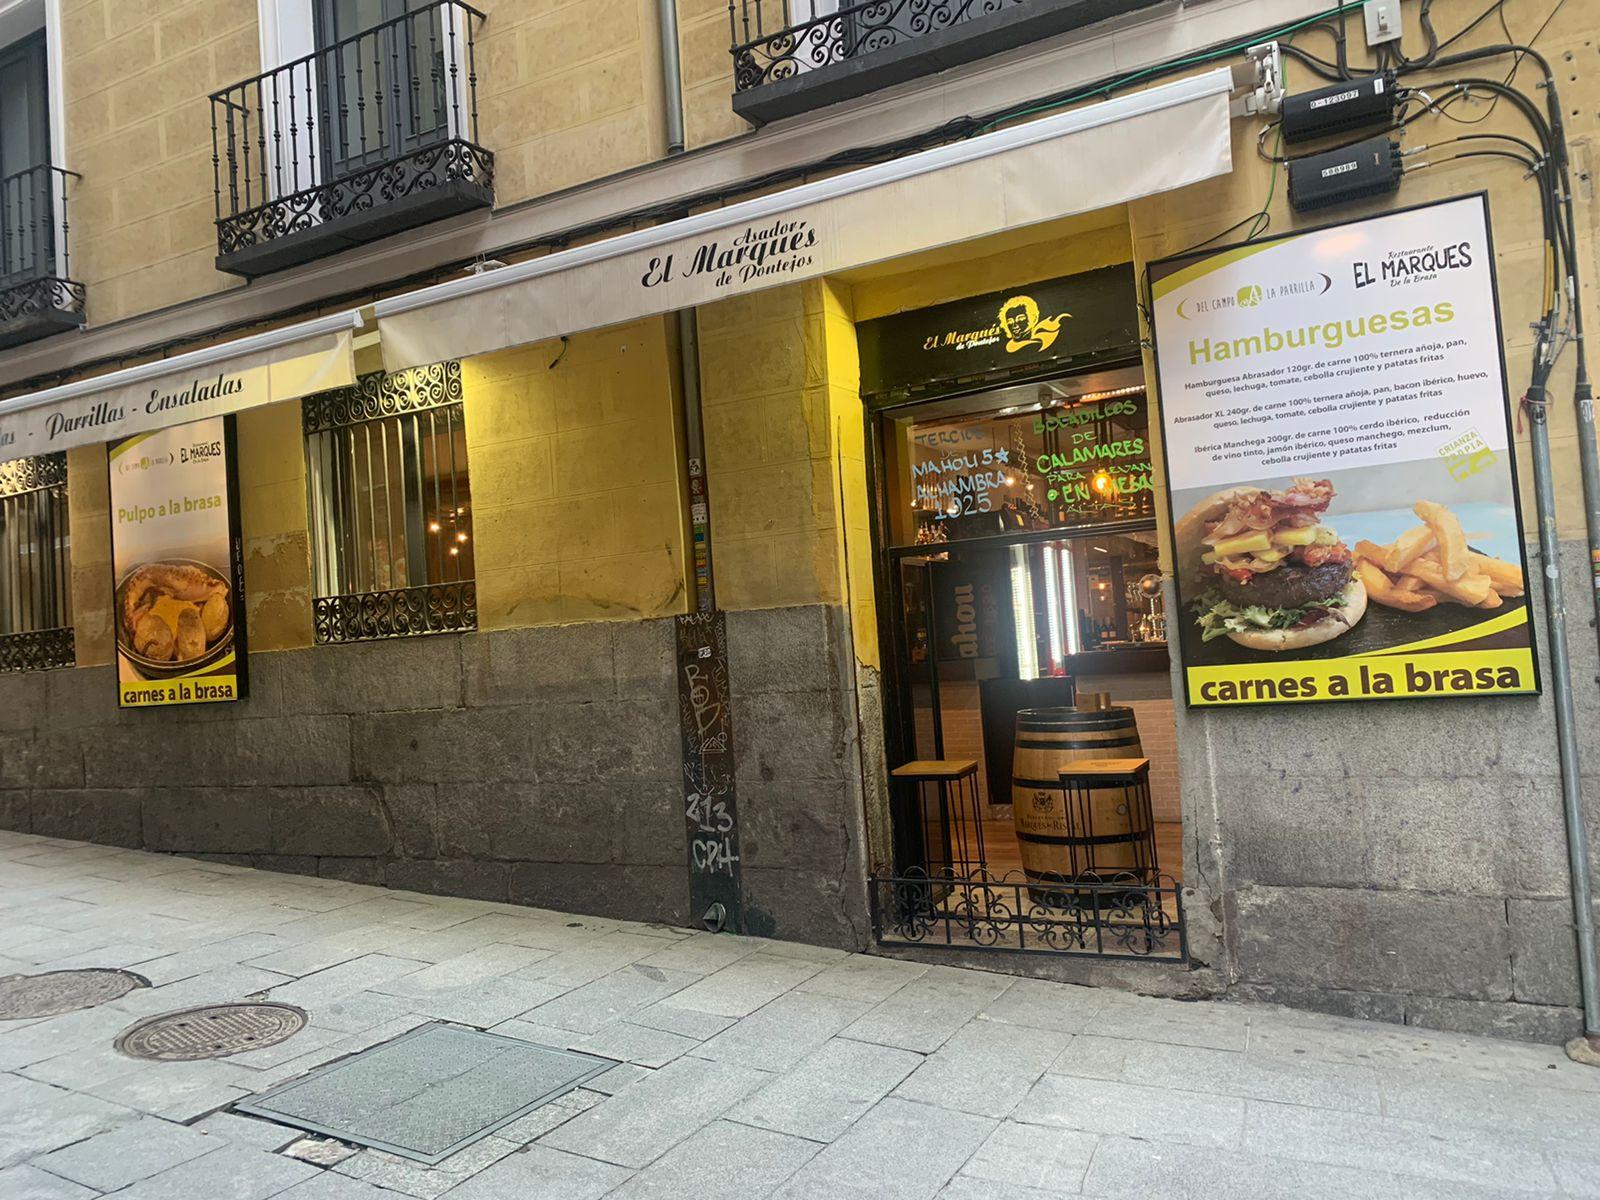 Fachada Restaurante El Marques